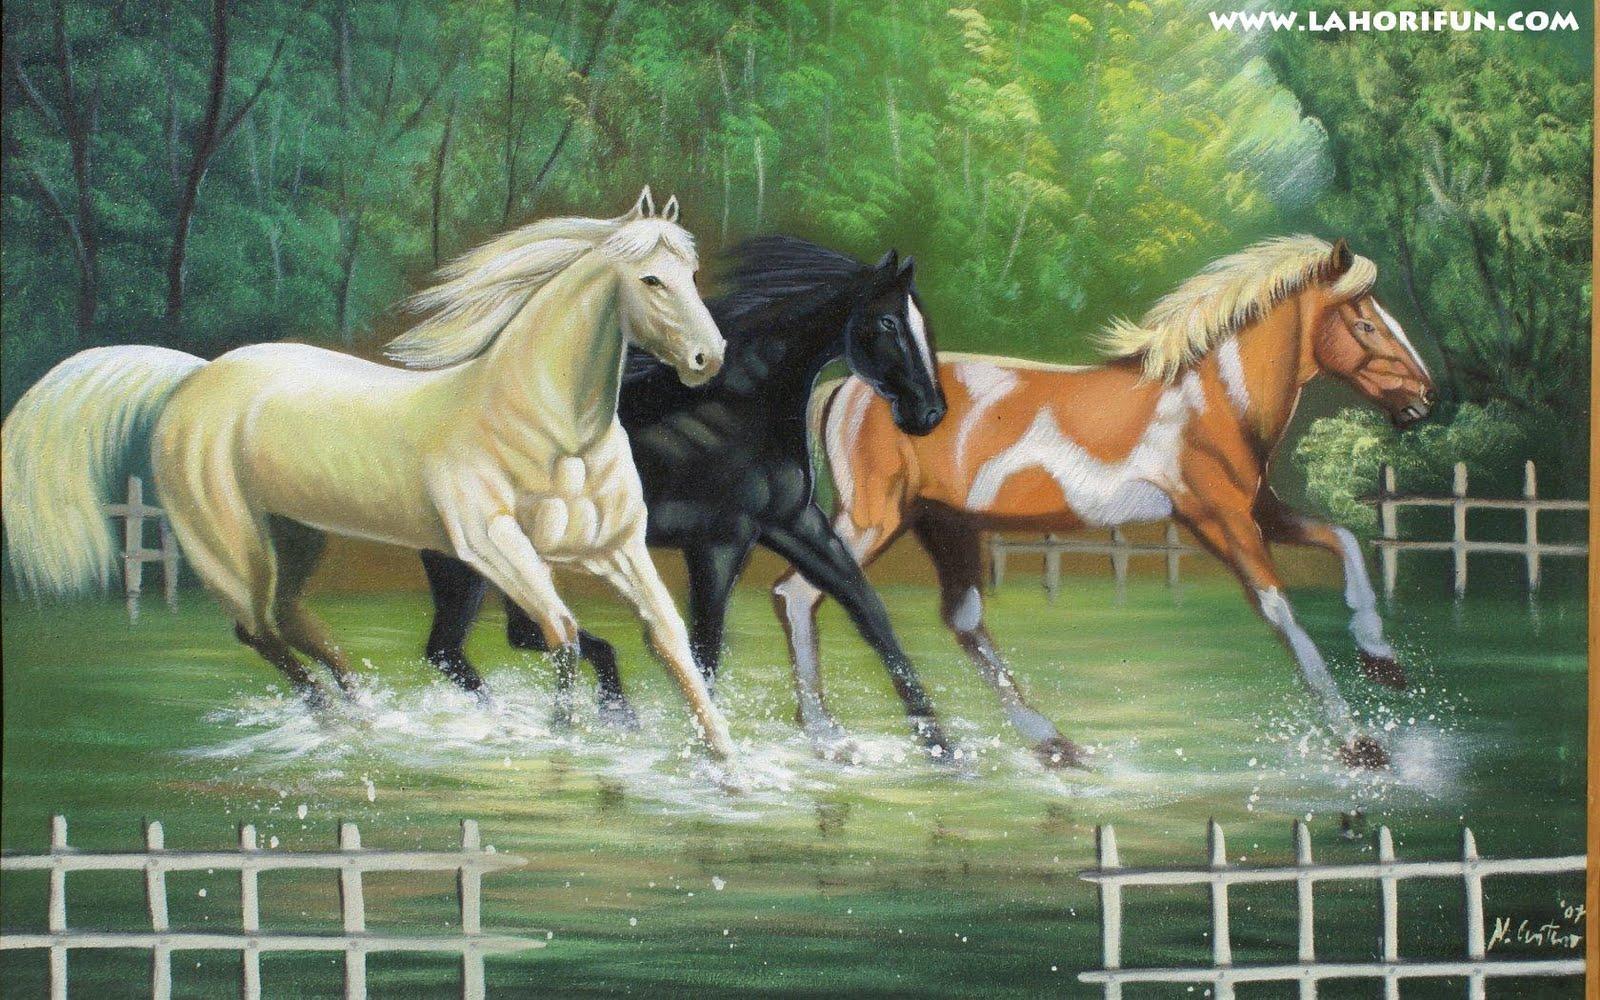 http://4.bp.blogspot.com/_kFiLt3irDuM/TB8mJtxUhPI/AAAAAAAAAXM/m4rmsv9fZ1c/s1600/widescreen_desktop_wallpaper_art_dsc00760.jpg